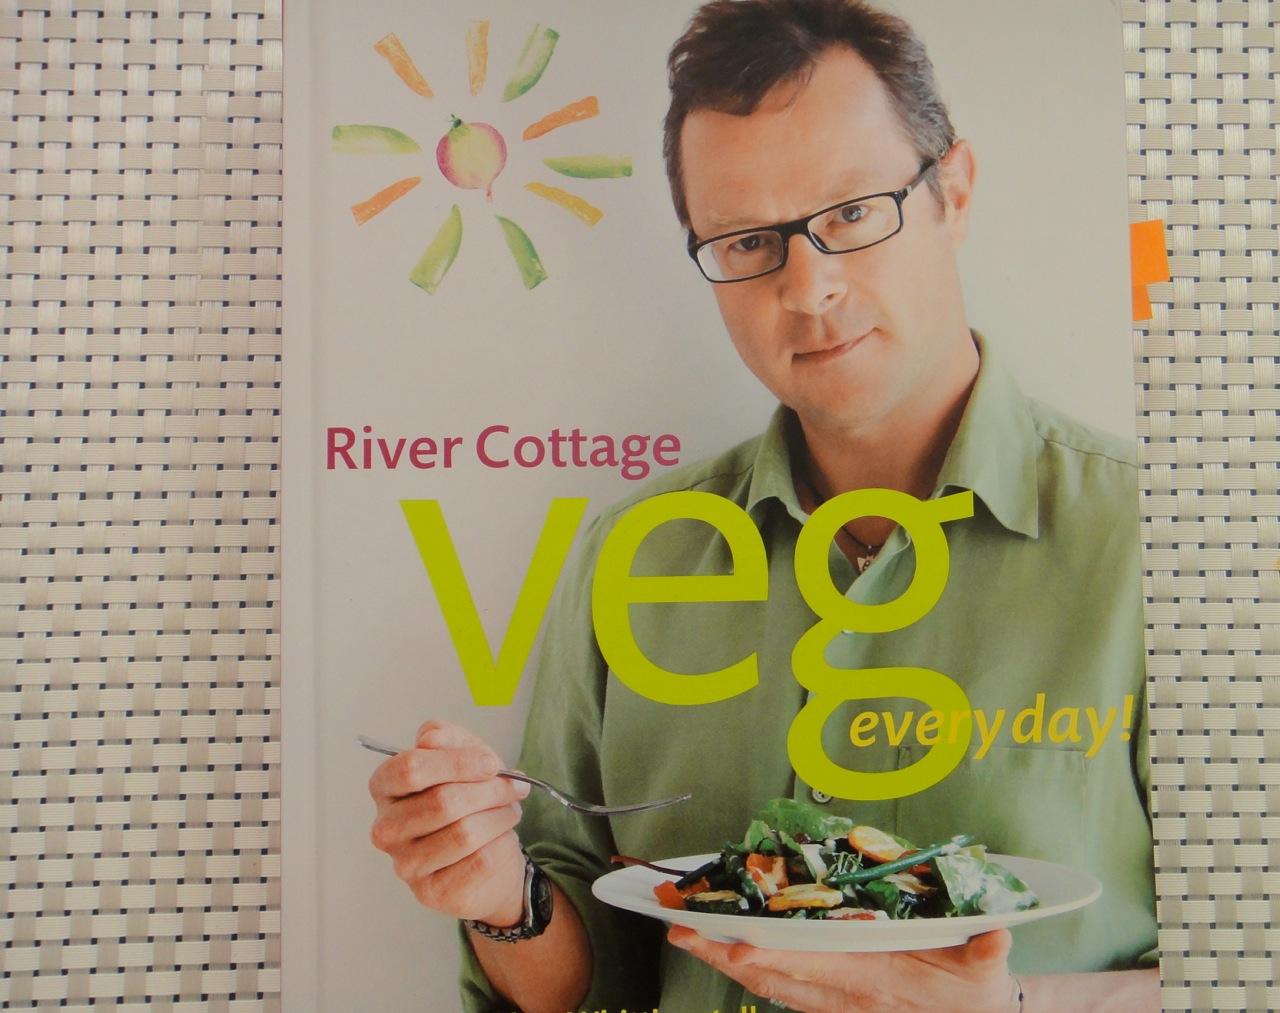 River Cottage Veg Every Day Pdf